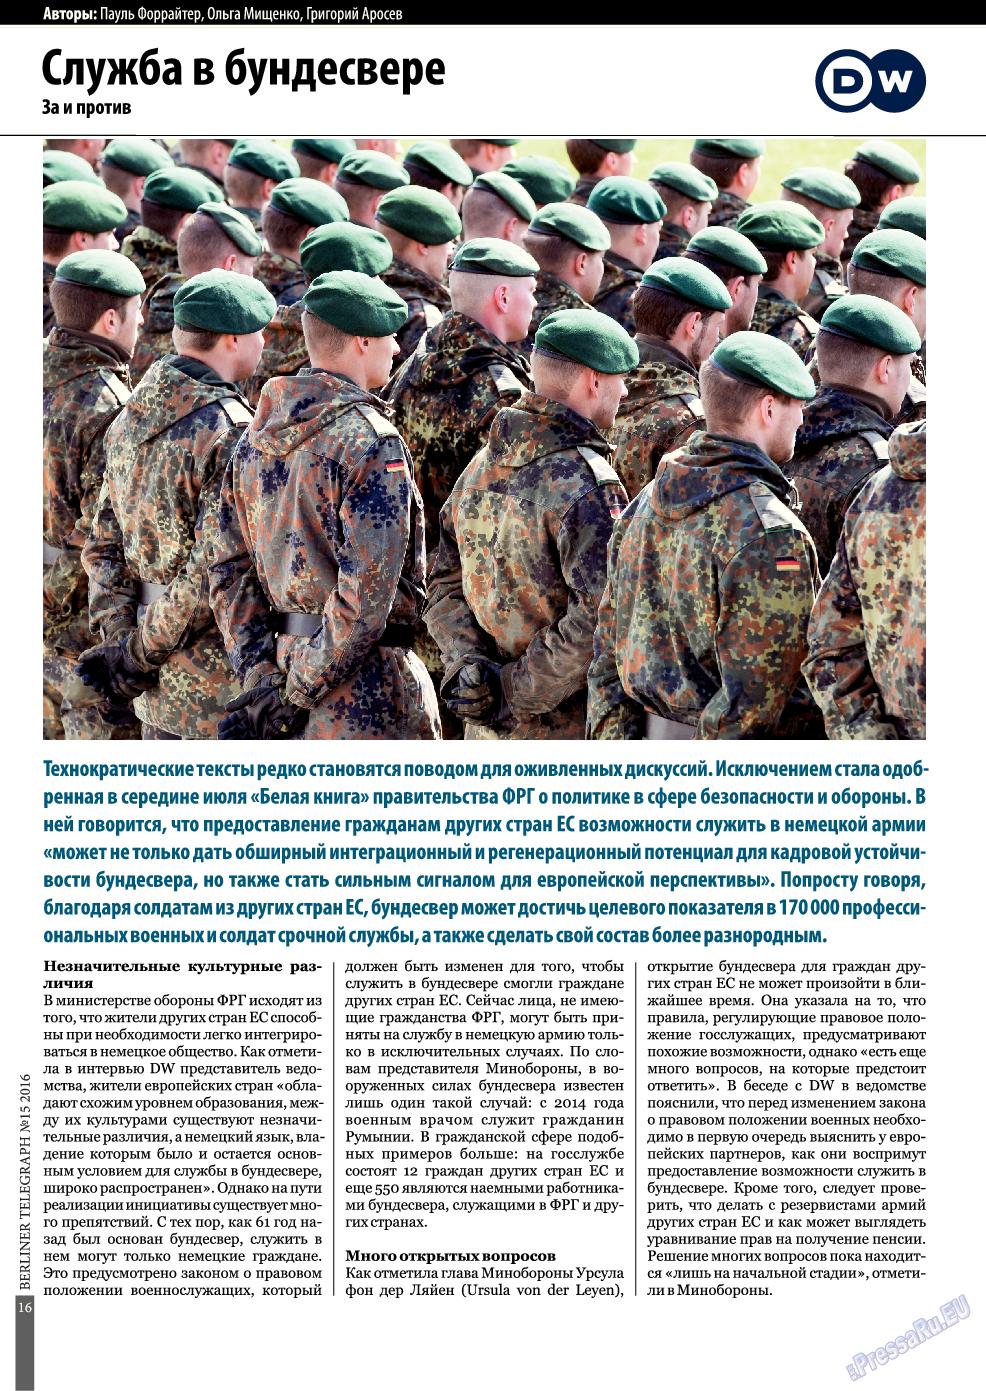 Берлинский телеграф (журнал). 2016 год, номер 15, стр. 16